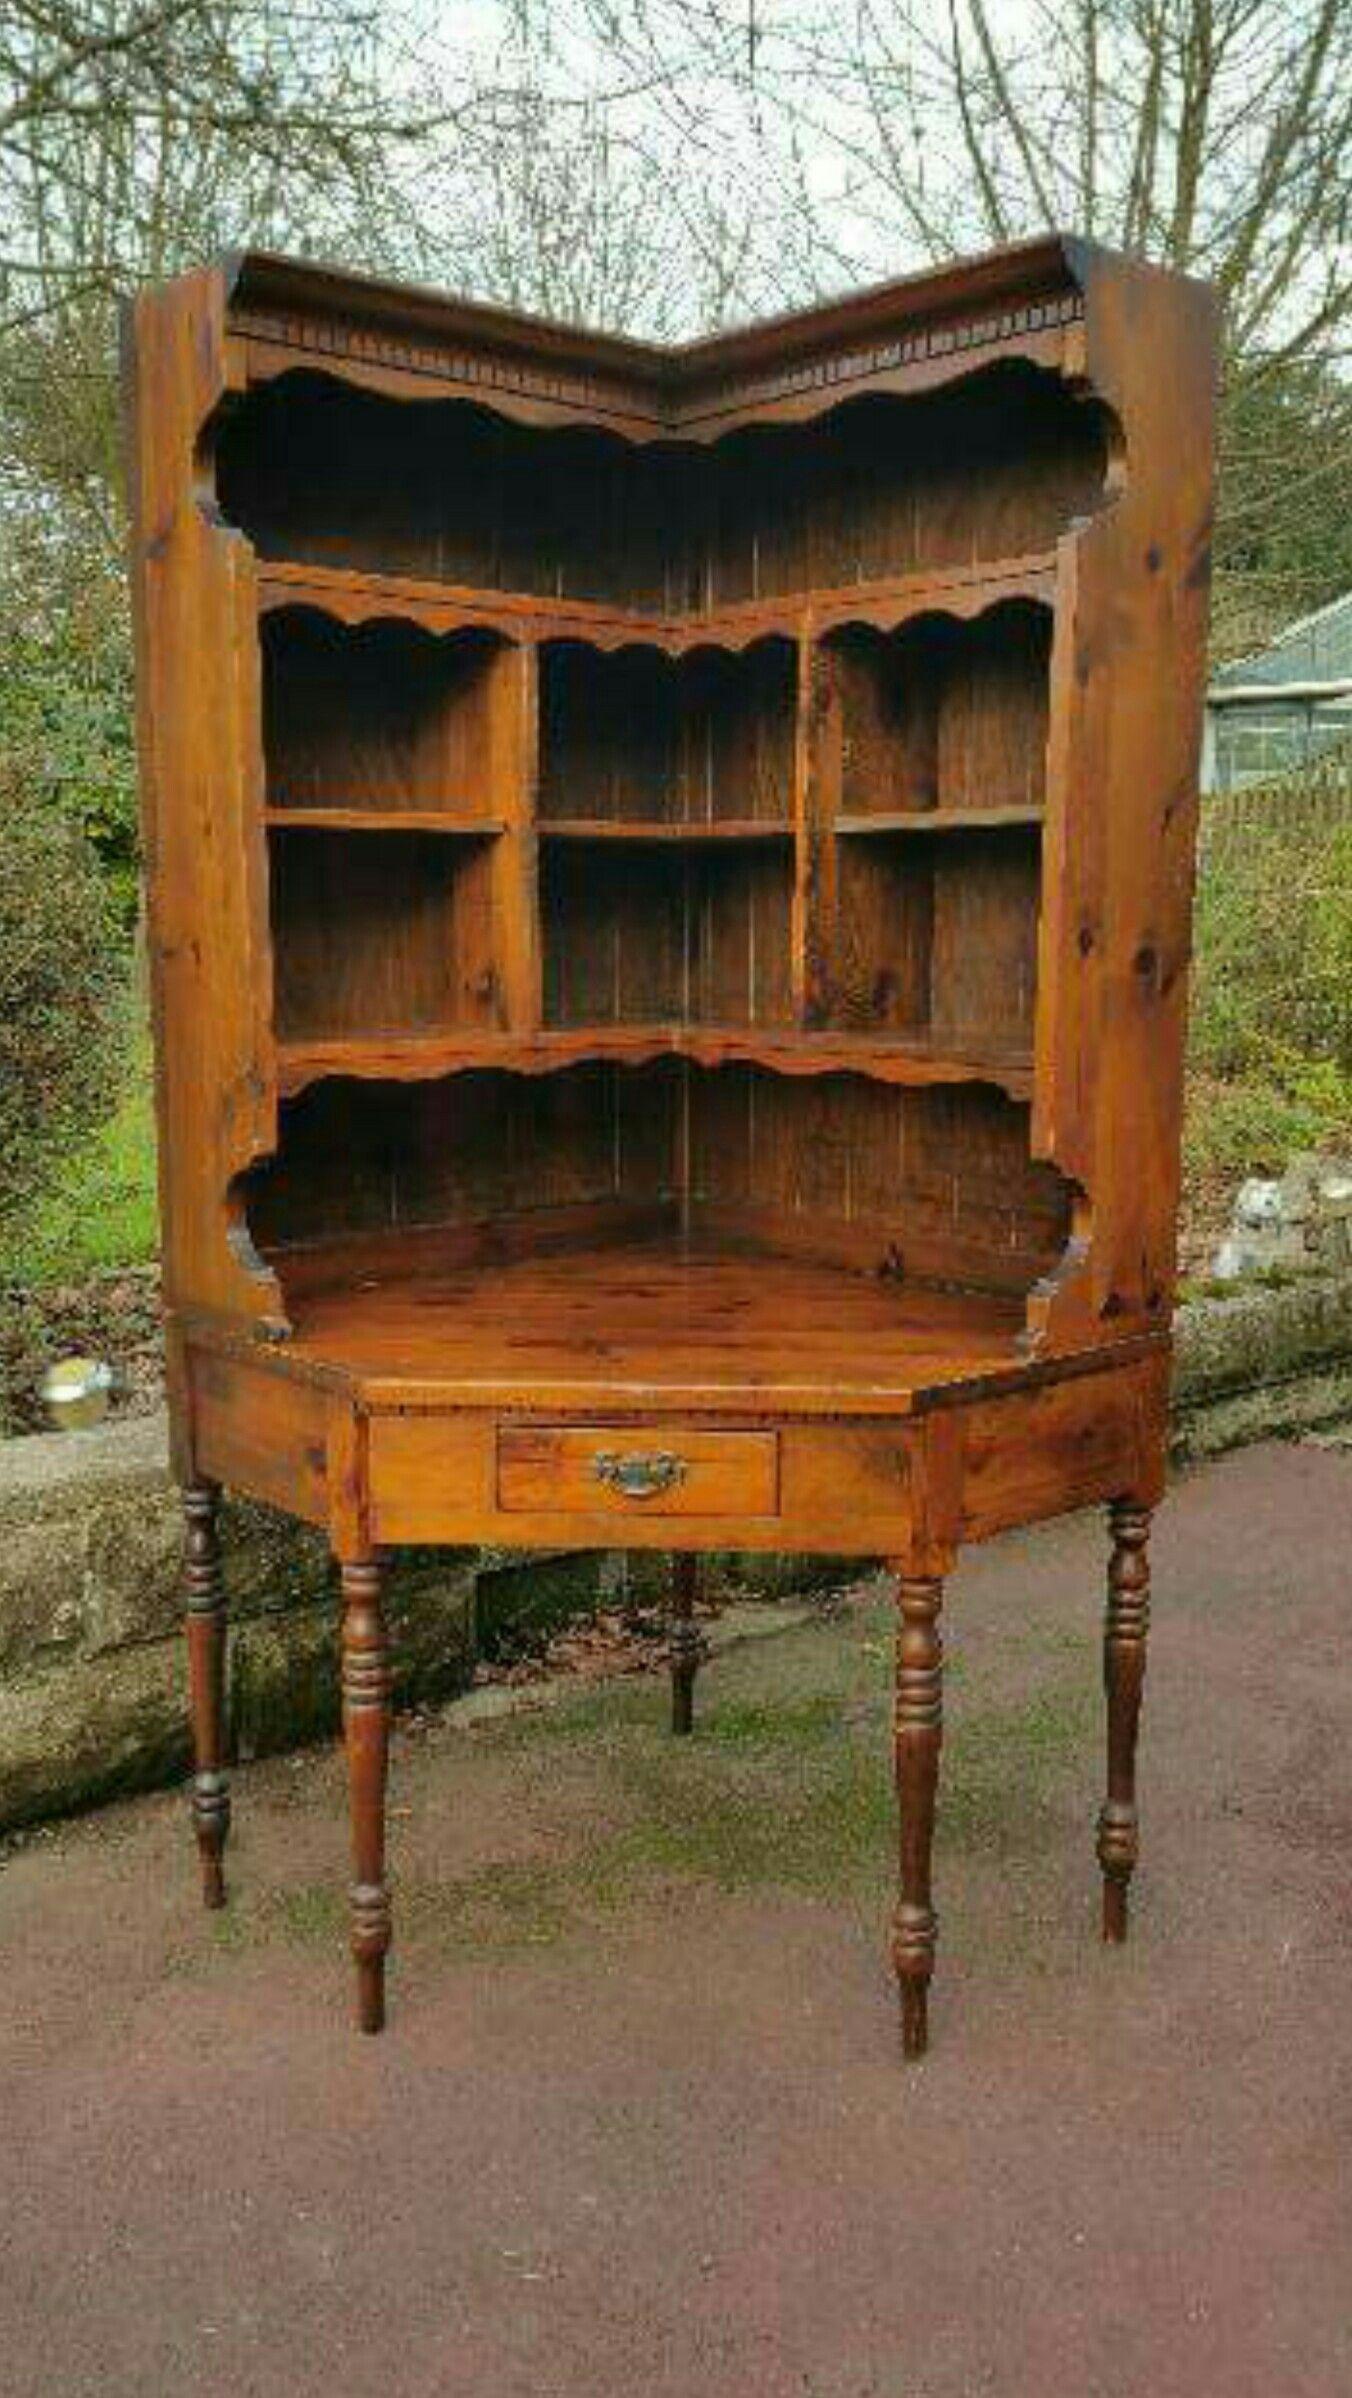 Stunning Antique Corner Desk / Hutch! - Stunning Antique Corner Desk / Hutch! Early American Antiques